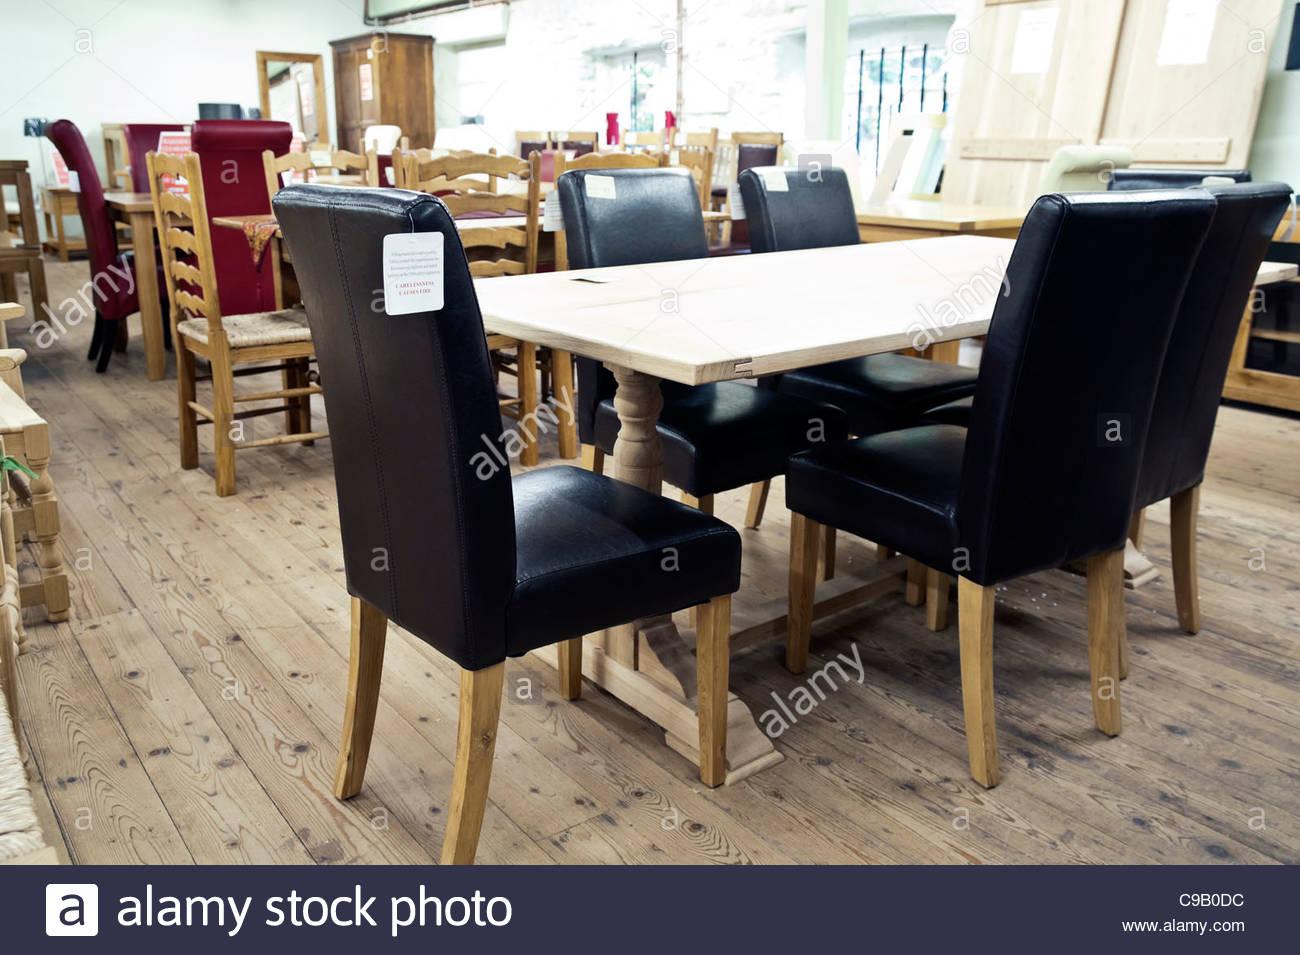 Interno di una showroom mobili Vendita di tavolo da pranzo e sedie, UK. Immagini Stock